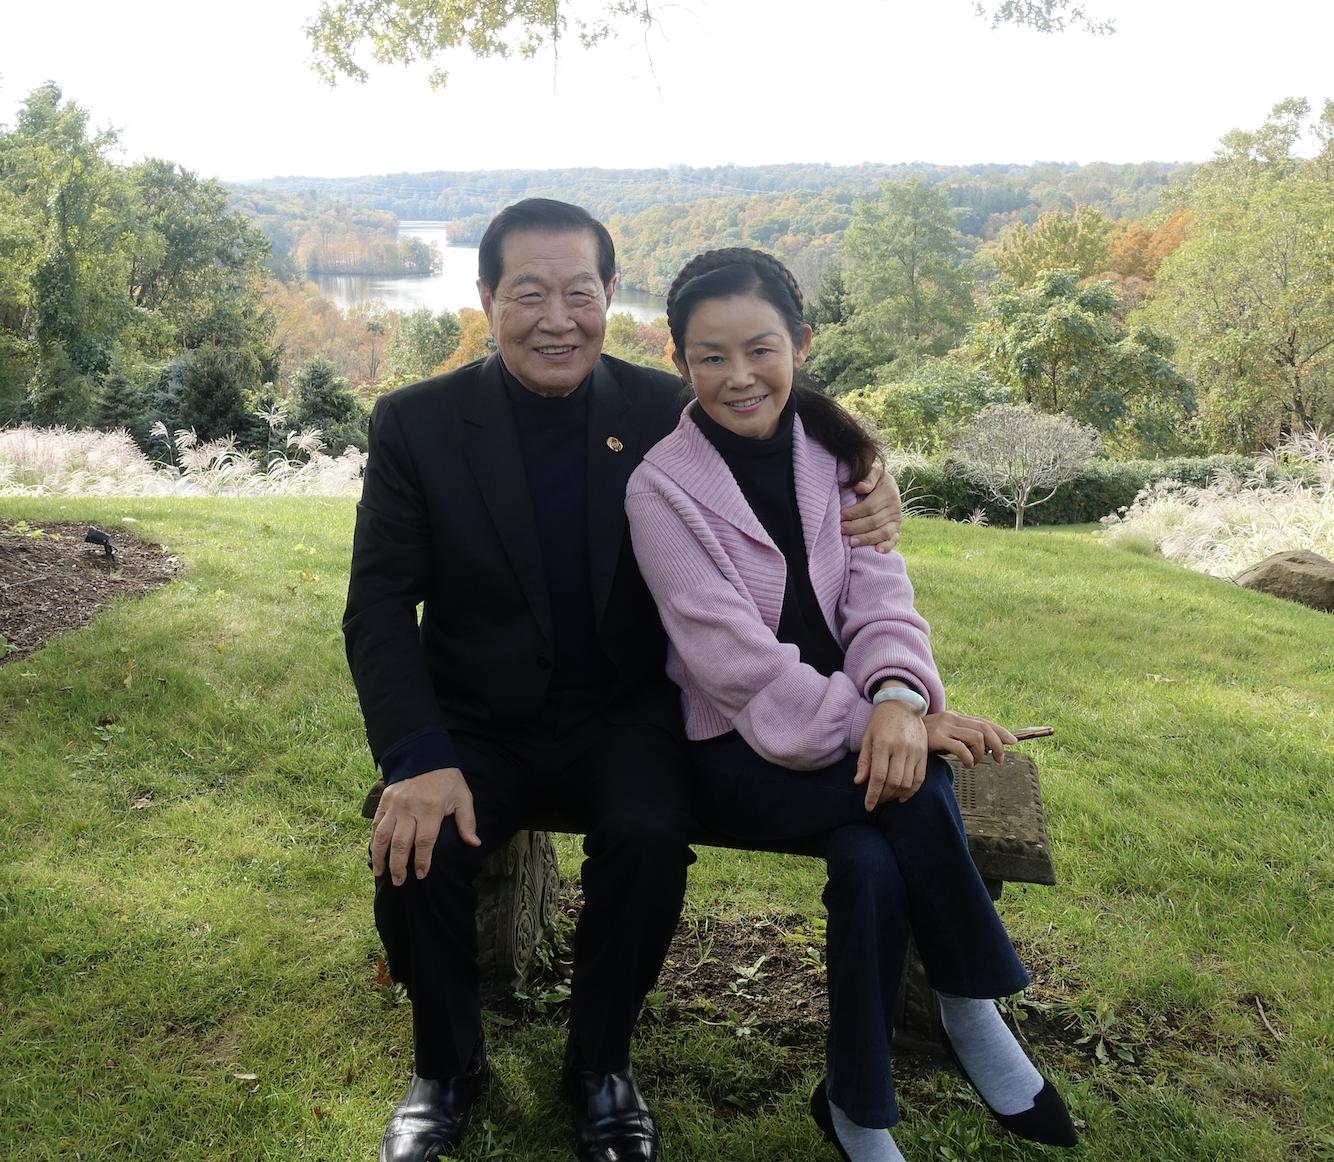 国际刑侦大师李昌钰博士终于结婚了!_图1-1